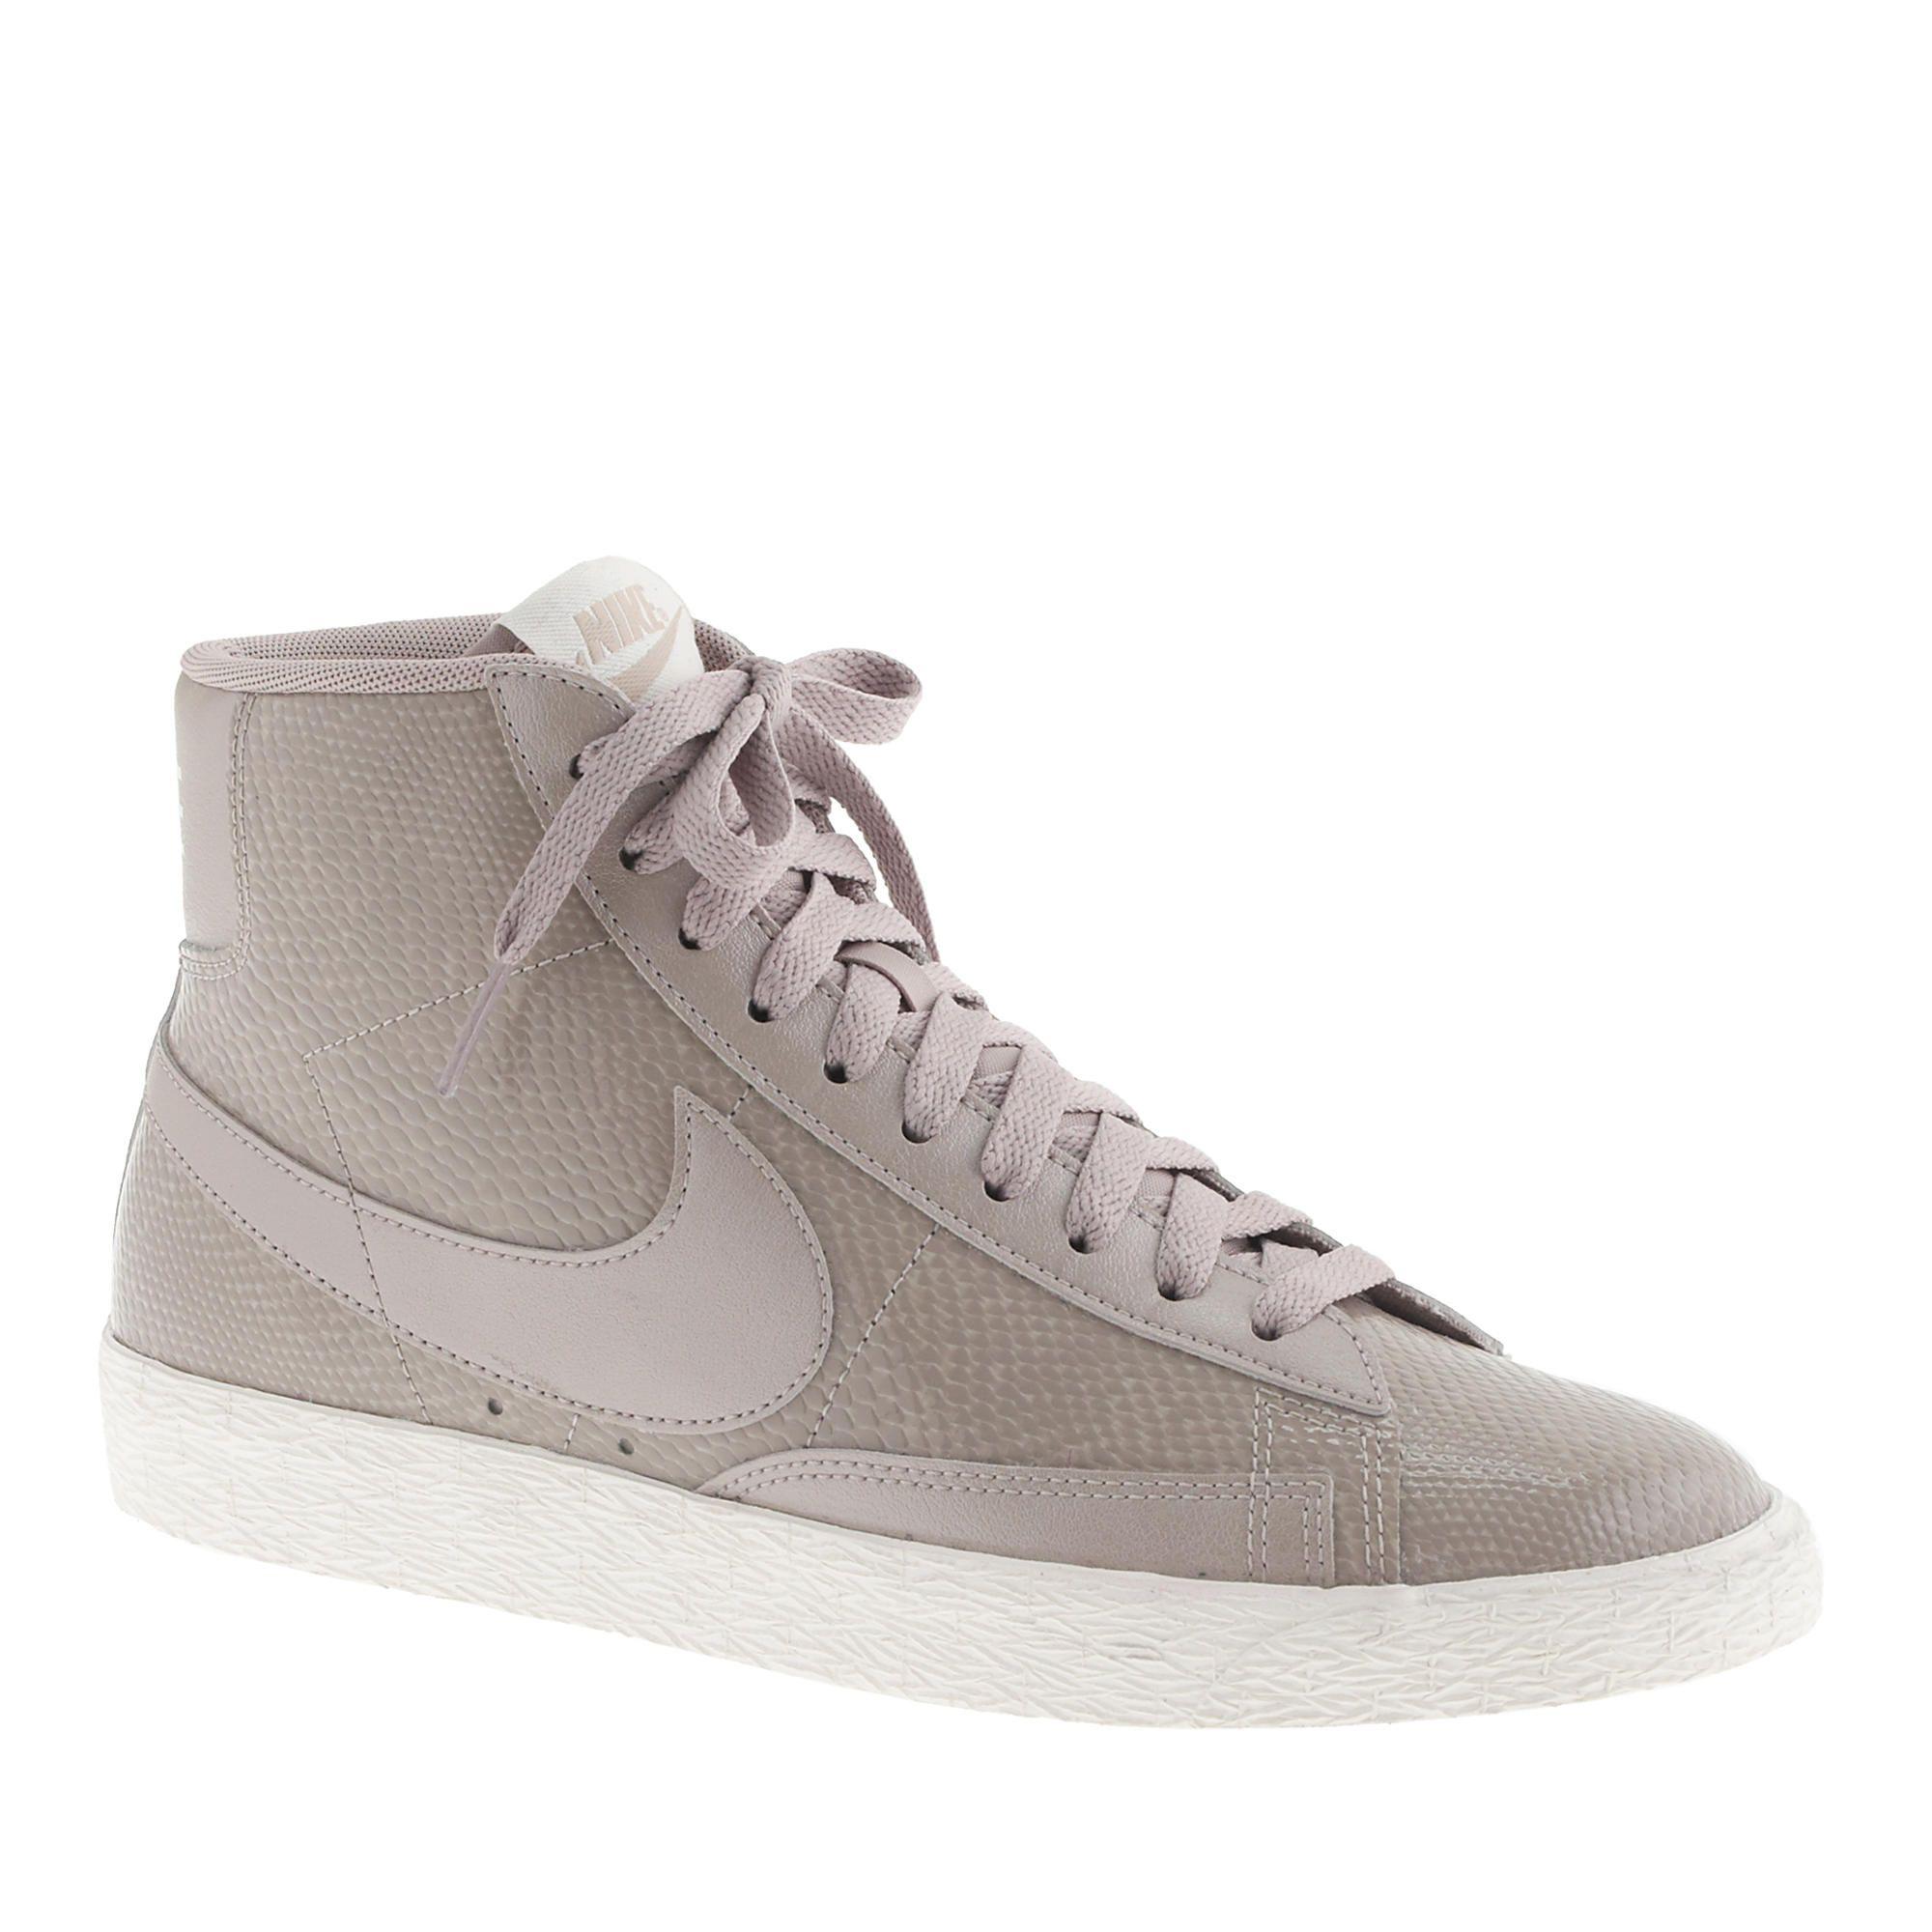 J Chaquetas Nike Tripulación Zapatos precio increíble venta muy barato af6qwbr